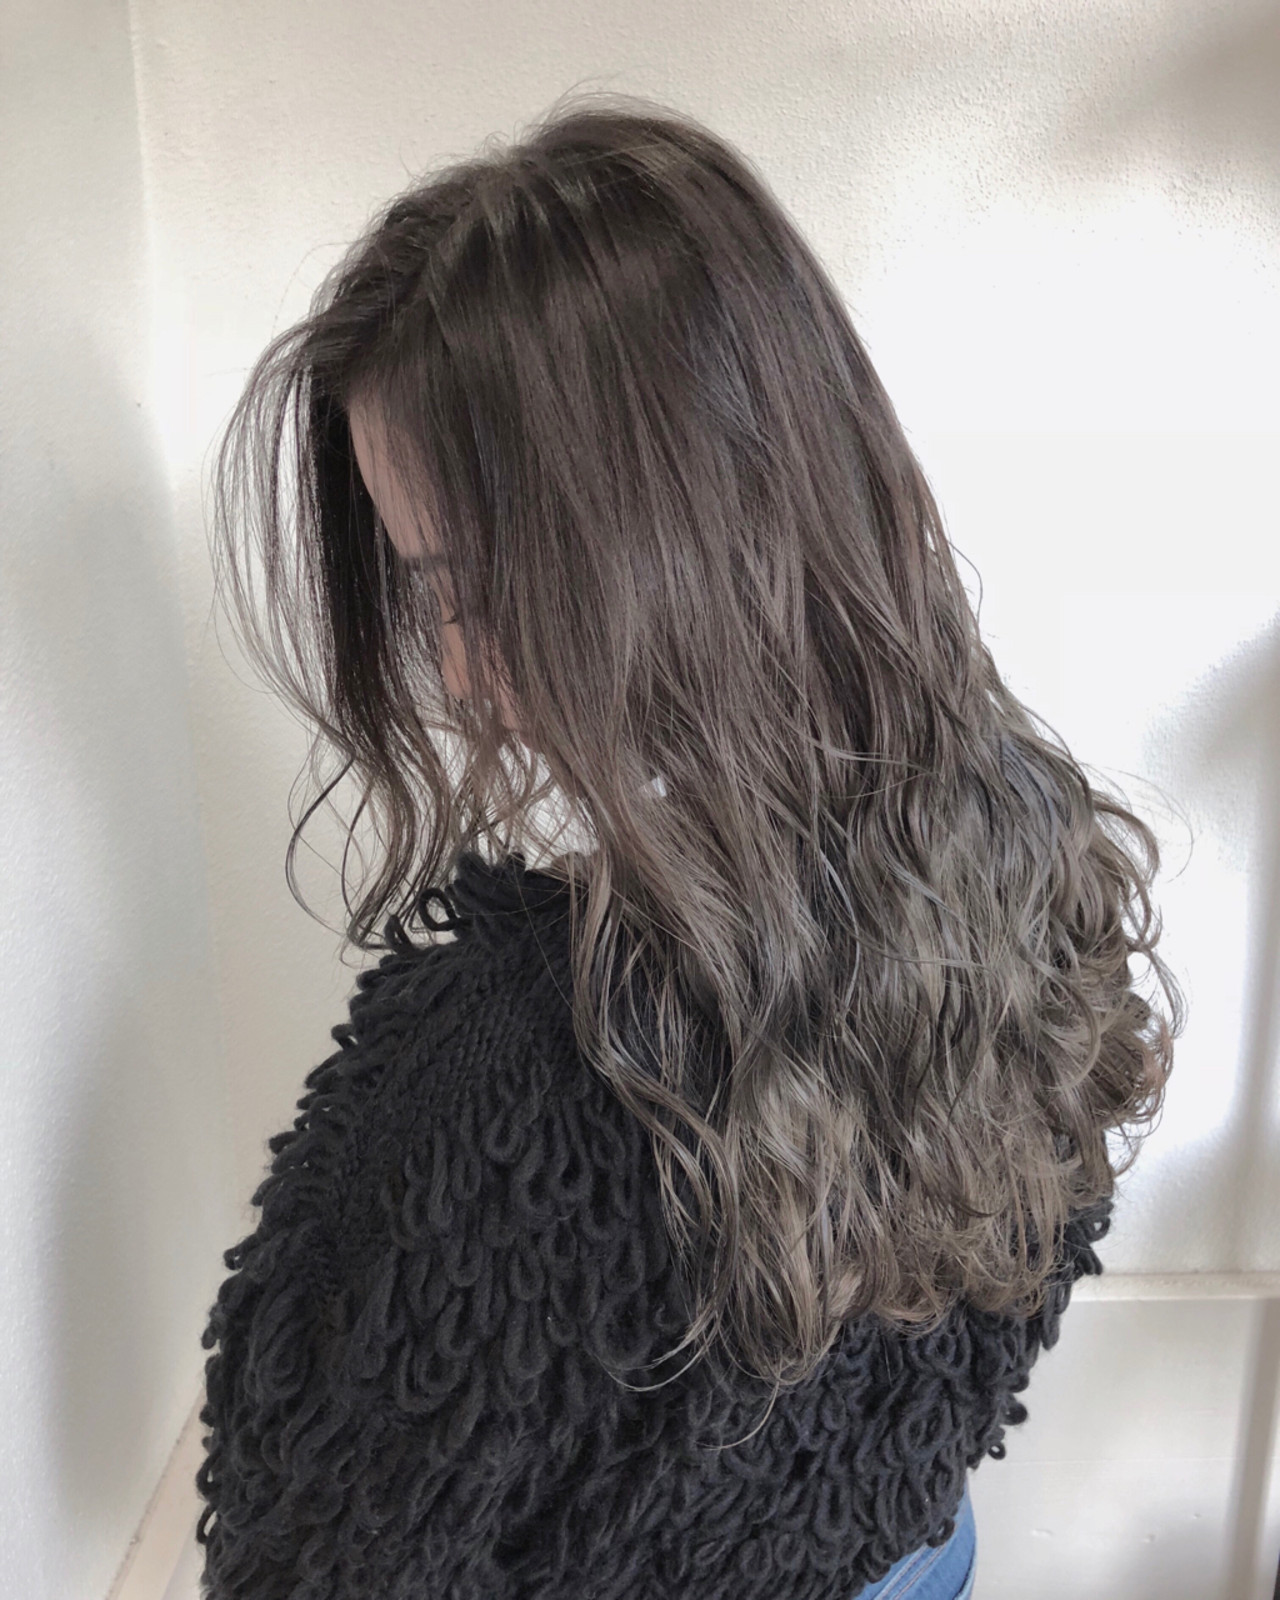 グラデーションカラー ハイライト グレージュ バレイヤージュ ヘアスタイルや髪型の写真・画像